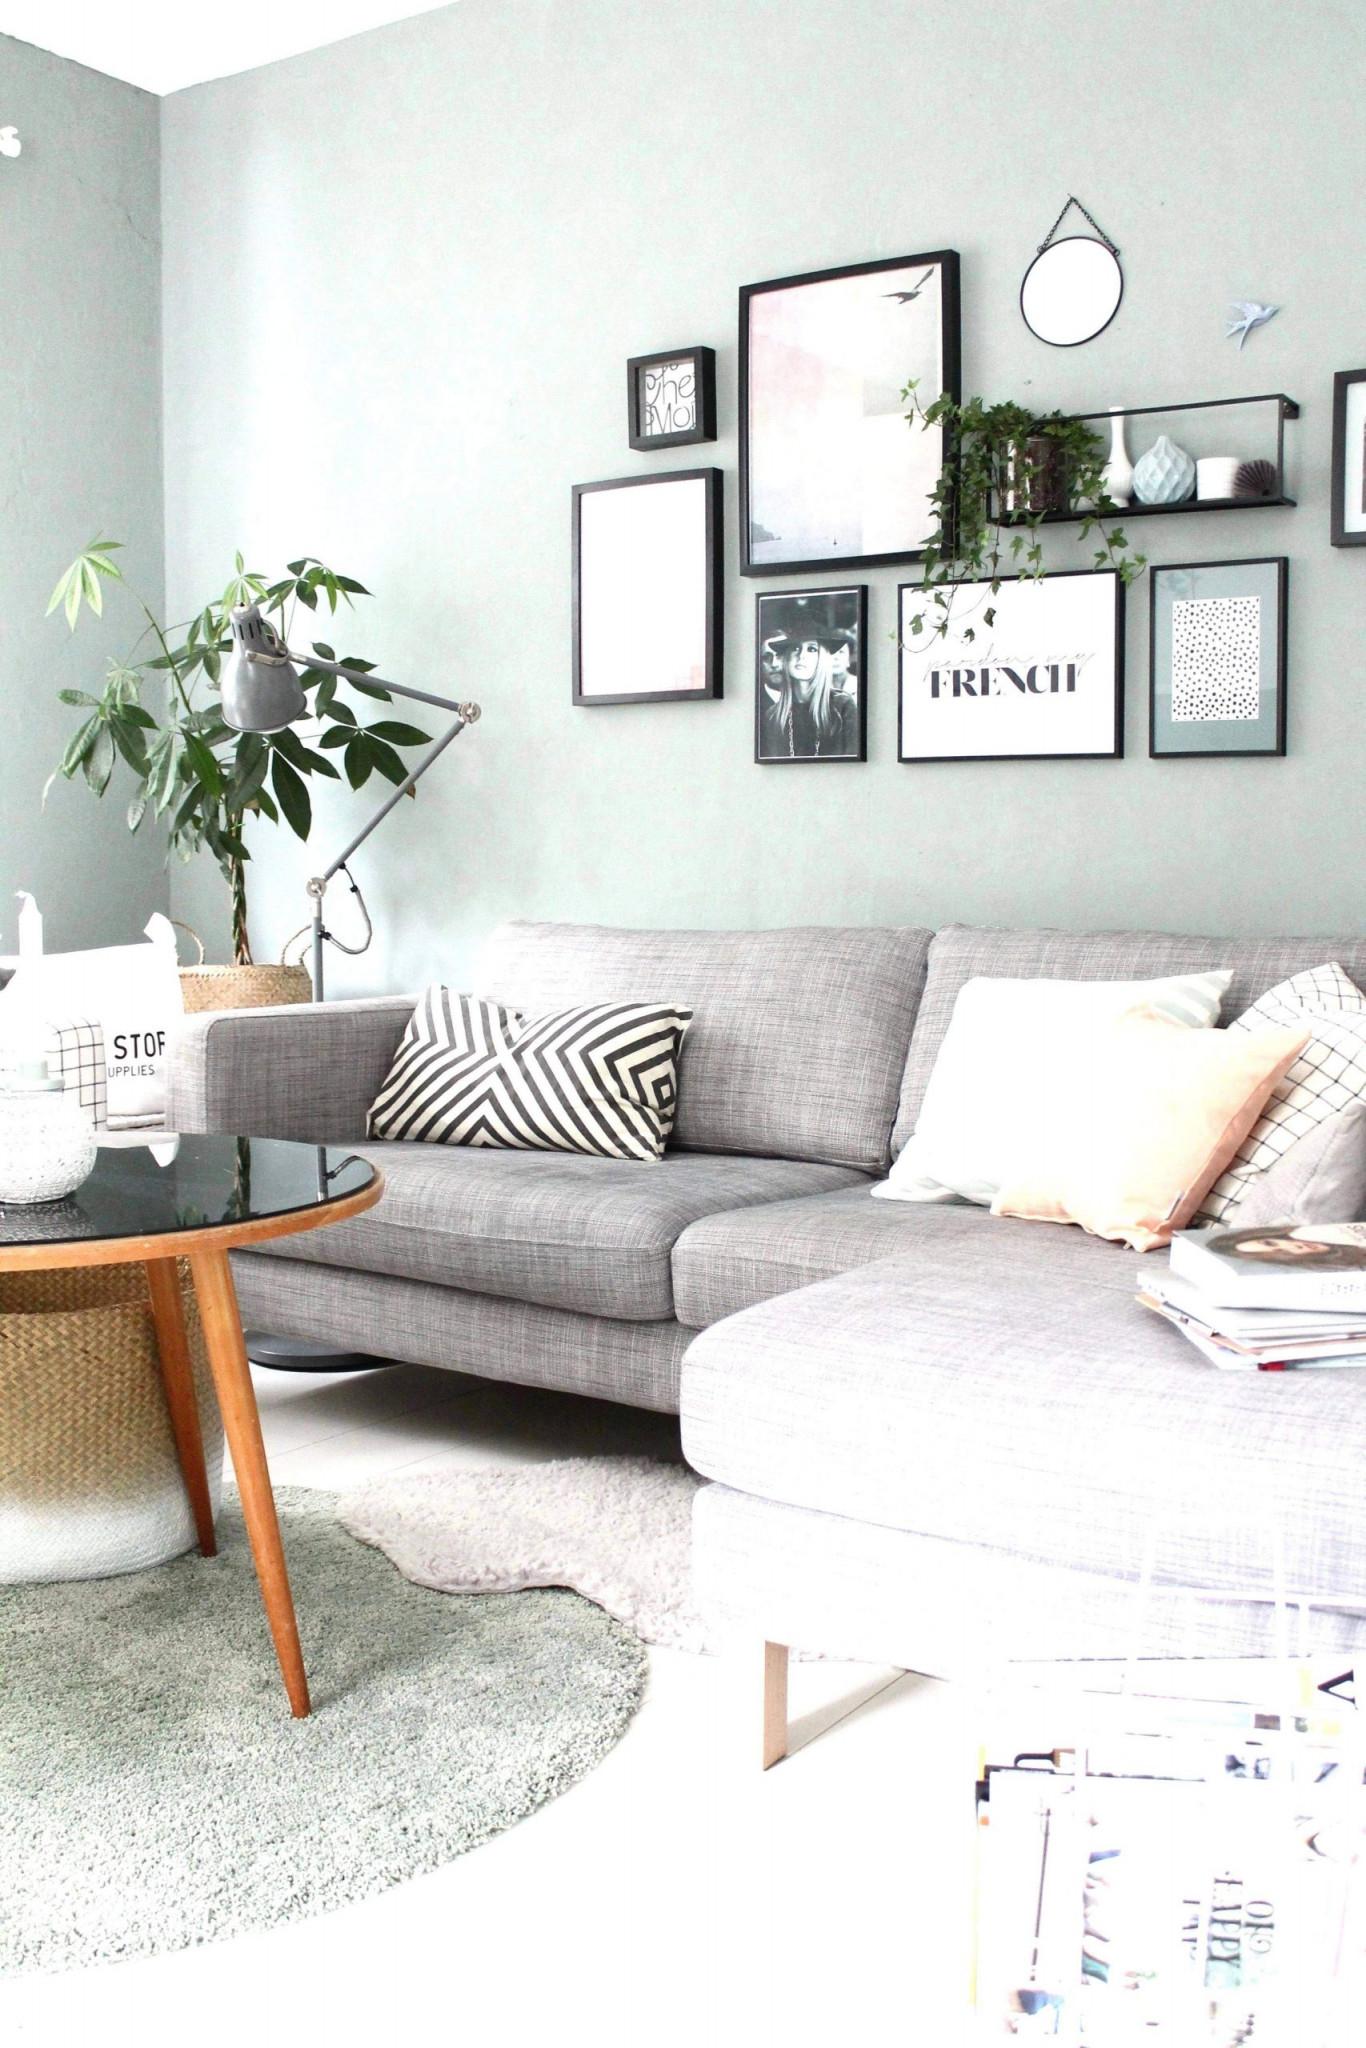 31 Luxus Wohnzimmer Wandgestaltung Genial  Wohnzimmer Frisch von Wandgestaltung Wohnzimmer Bilder Photo